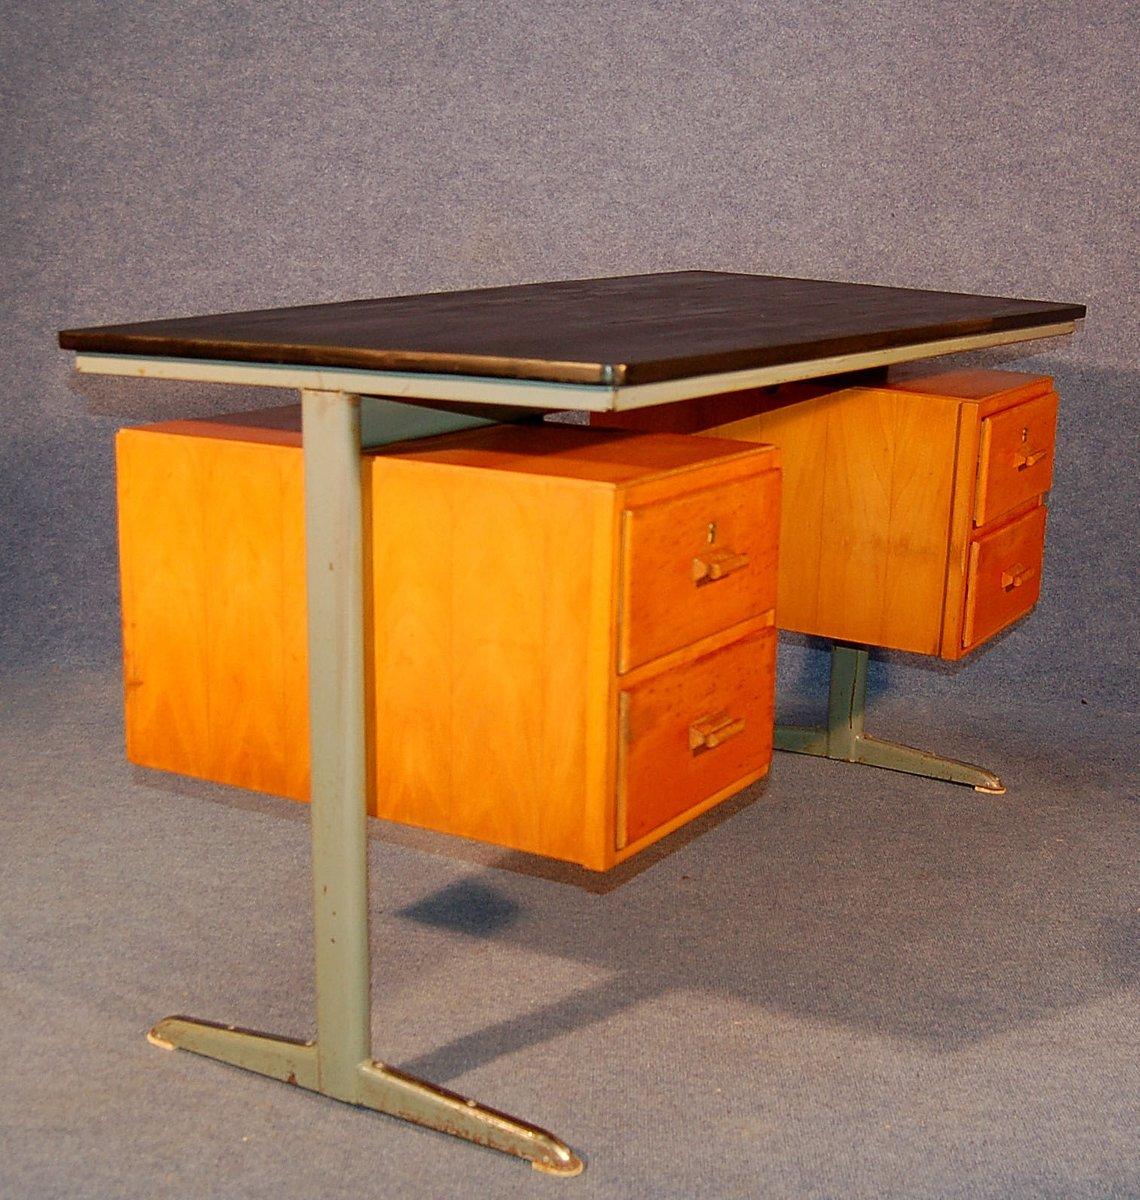 industrieller mid century schreibtisch von friso kramer 1950er bei pamono kaufen. Black Bedroom Furniture Sets. Home Design Ideas